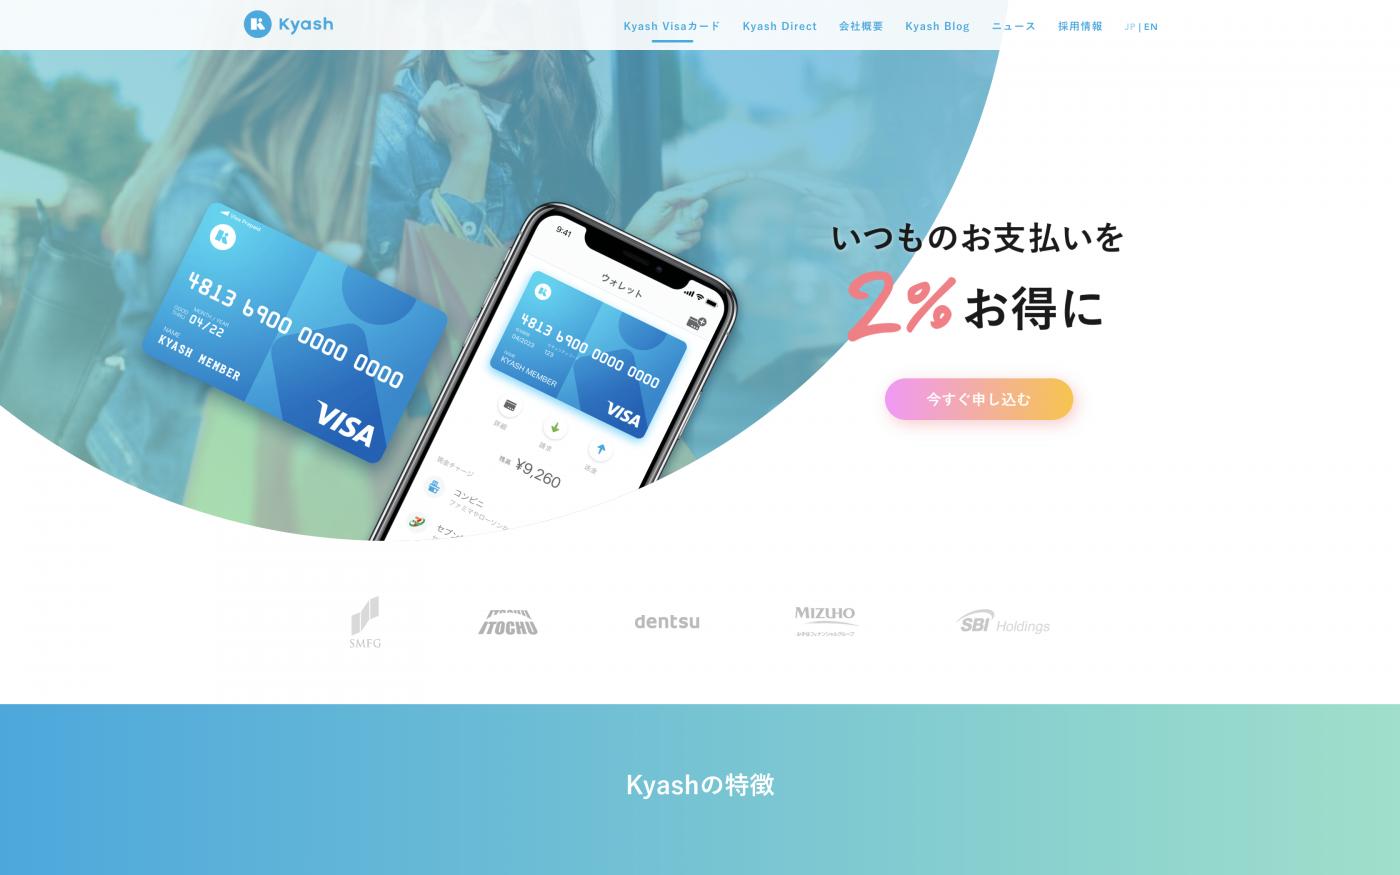 無料送金アプリ「Kyash」をグローバルにサービス展開していくFinTechスタートアップ。いつでもかんたんにスマホから無料で送金出可能でiOS/Androidアプリを提供。  完全に独自でシステムを開発していることから、汎用性の高い通貨の送金を安く実現し、単なる決済ゲートウェイではなく、SNSで繫がっている宛先に、送金と請求が「無料」でできる新しい通貨プラットフォームを目指す。受け取ったお金はオンラインや国内外のVisa加盟店で利用可能で、現金化ができることより、キャッシュレスで、スマホで人や店とのお金のやり取りを完結できる。